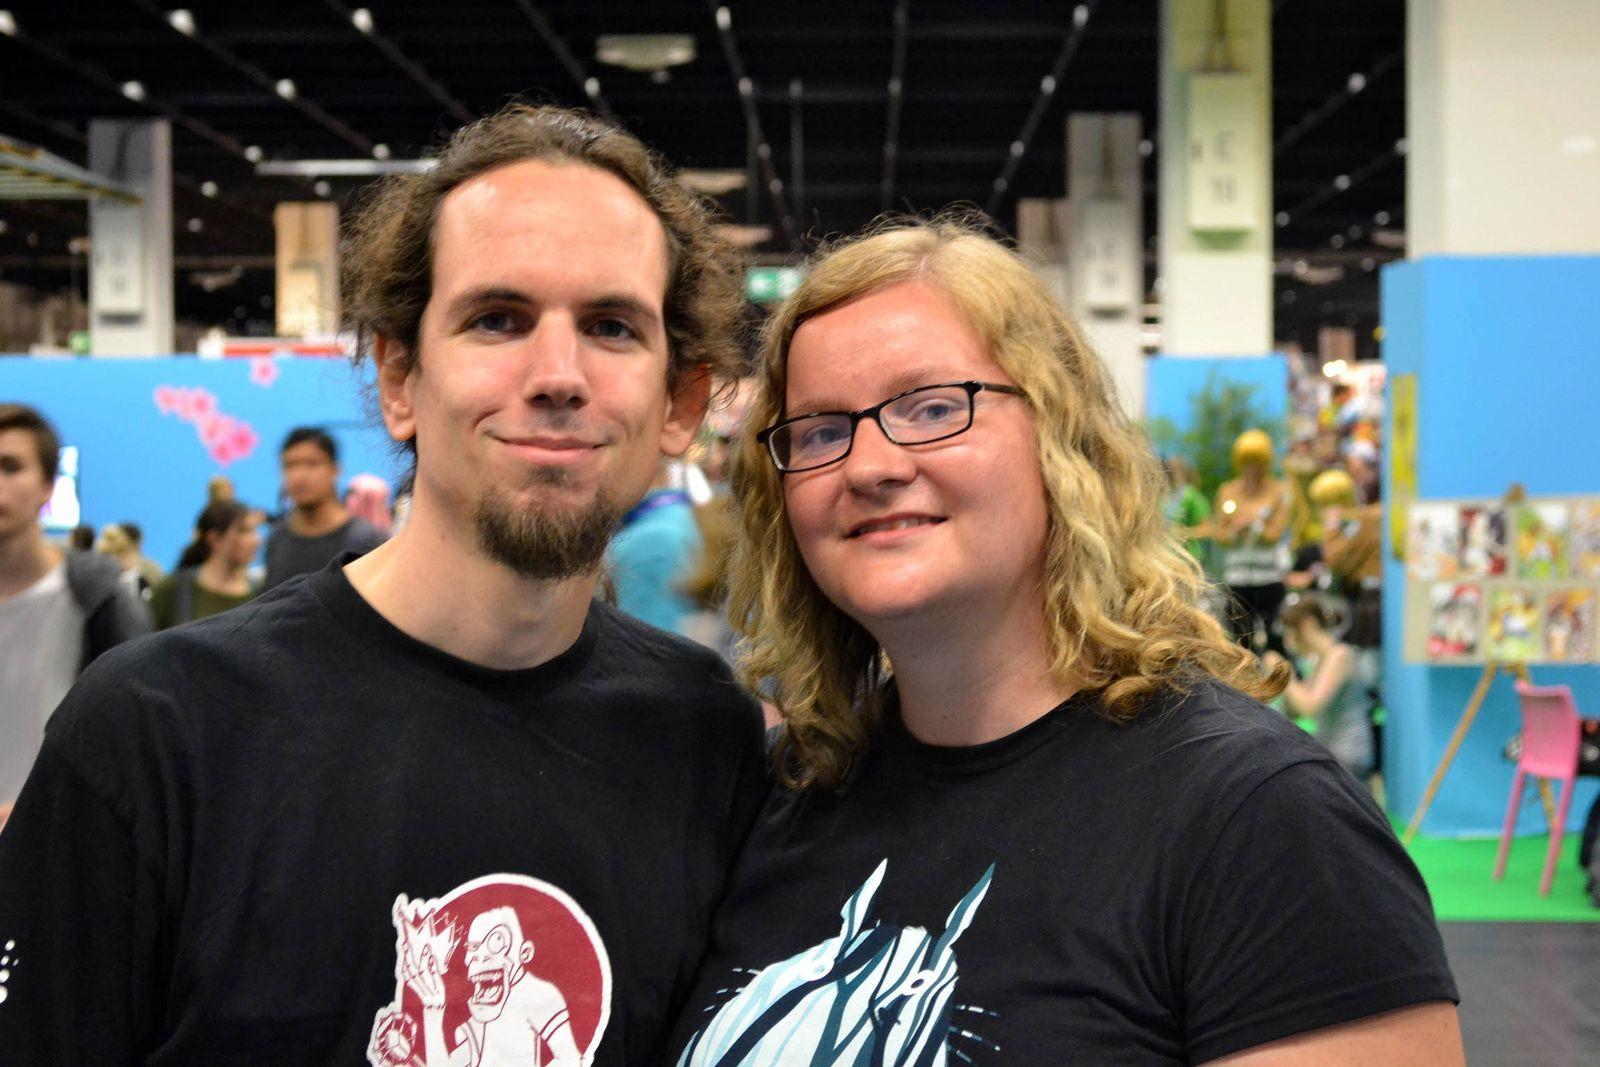 Pärchenfotos Gamescom/ Christian und Claudia